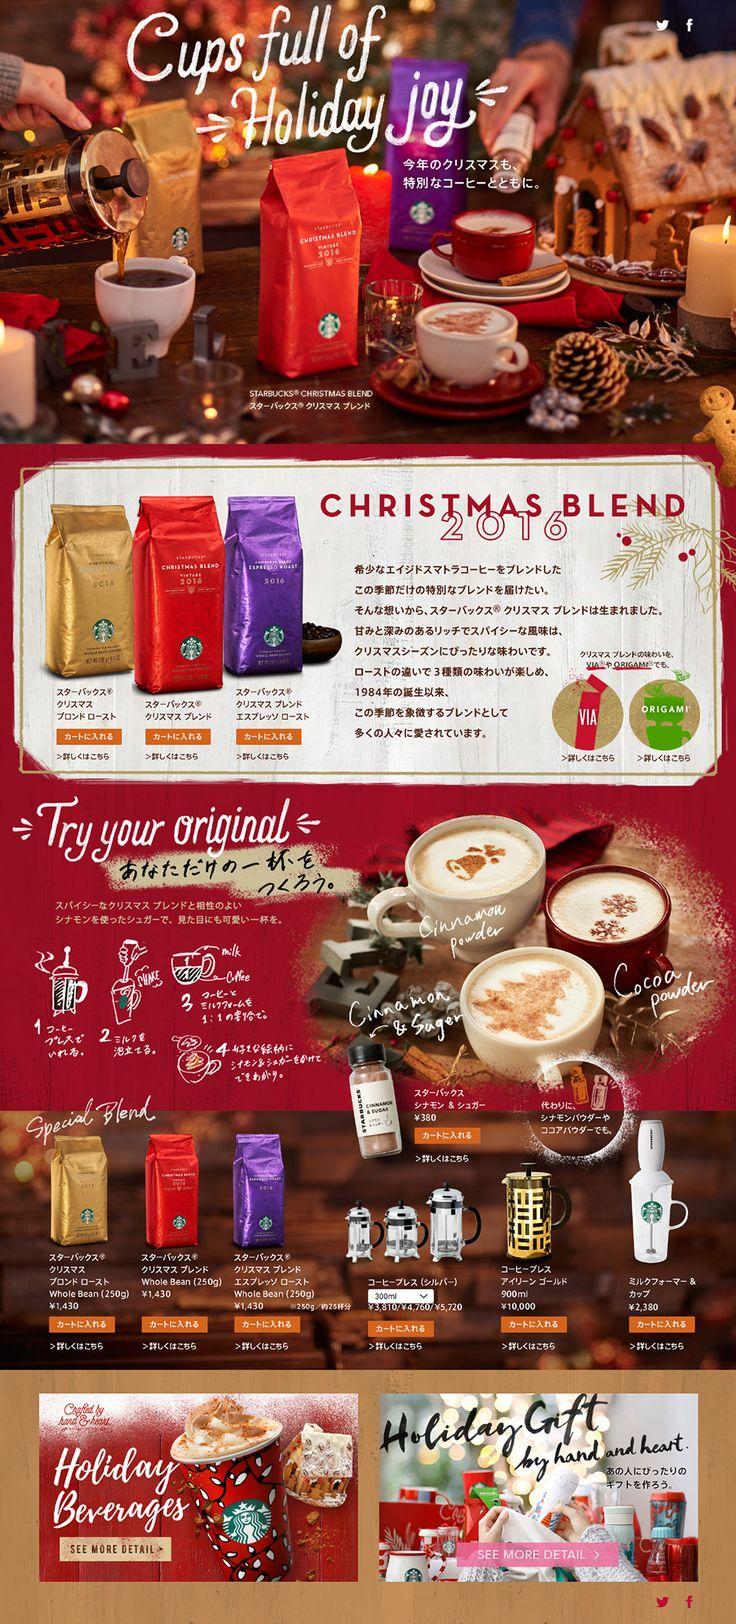 CHRISTMAS BLEND 2016【飲料・お酒関連】のLPデザイン。WEBデザイナーさん必見!ランディングページのデザイン参考に(にぎやか系)